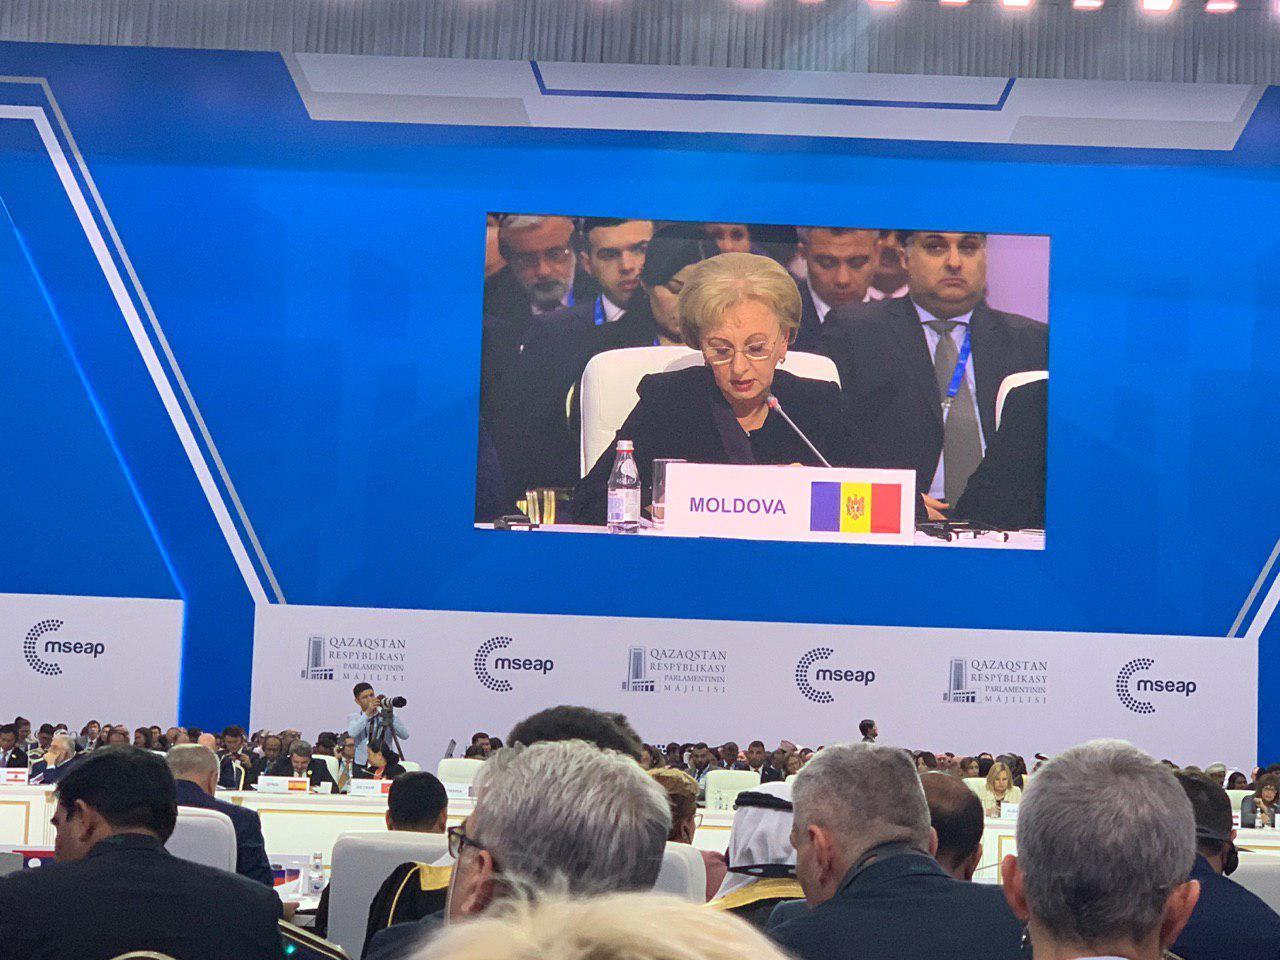 Зинаида Гречаный: В эпоху геополитического противостояния Молдова стремится стать точкой взаимопонимания и сотрудничества